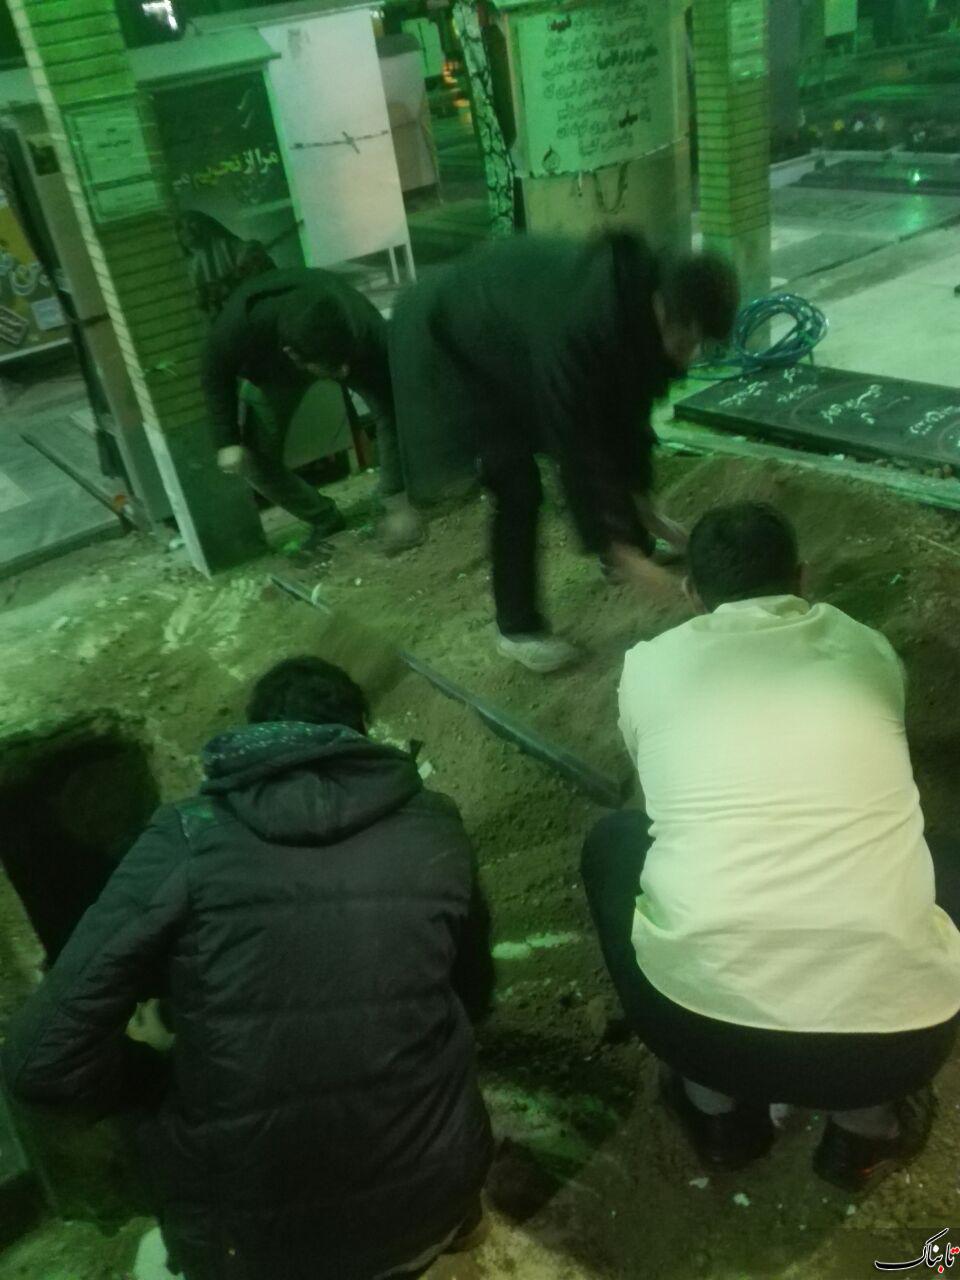 حمله به قبر پدر شهید با ادعای دفاع از شهدا!